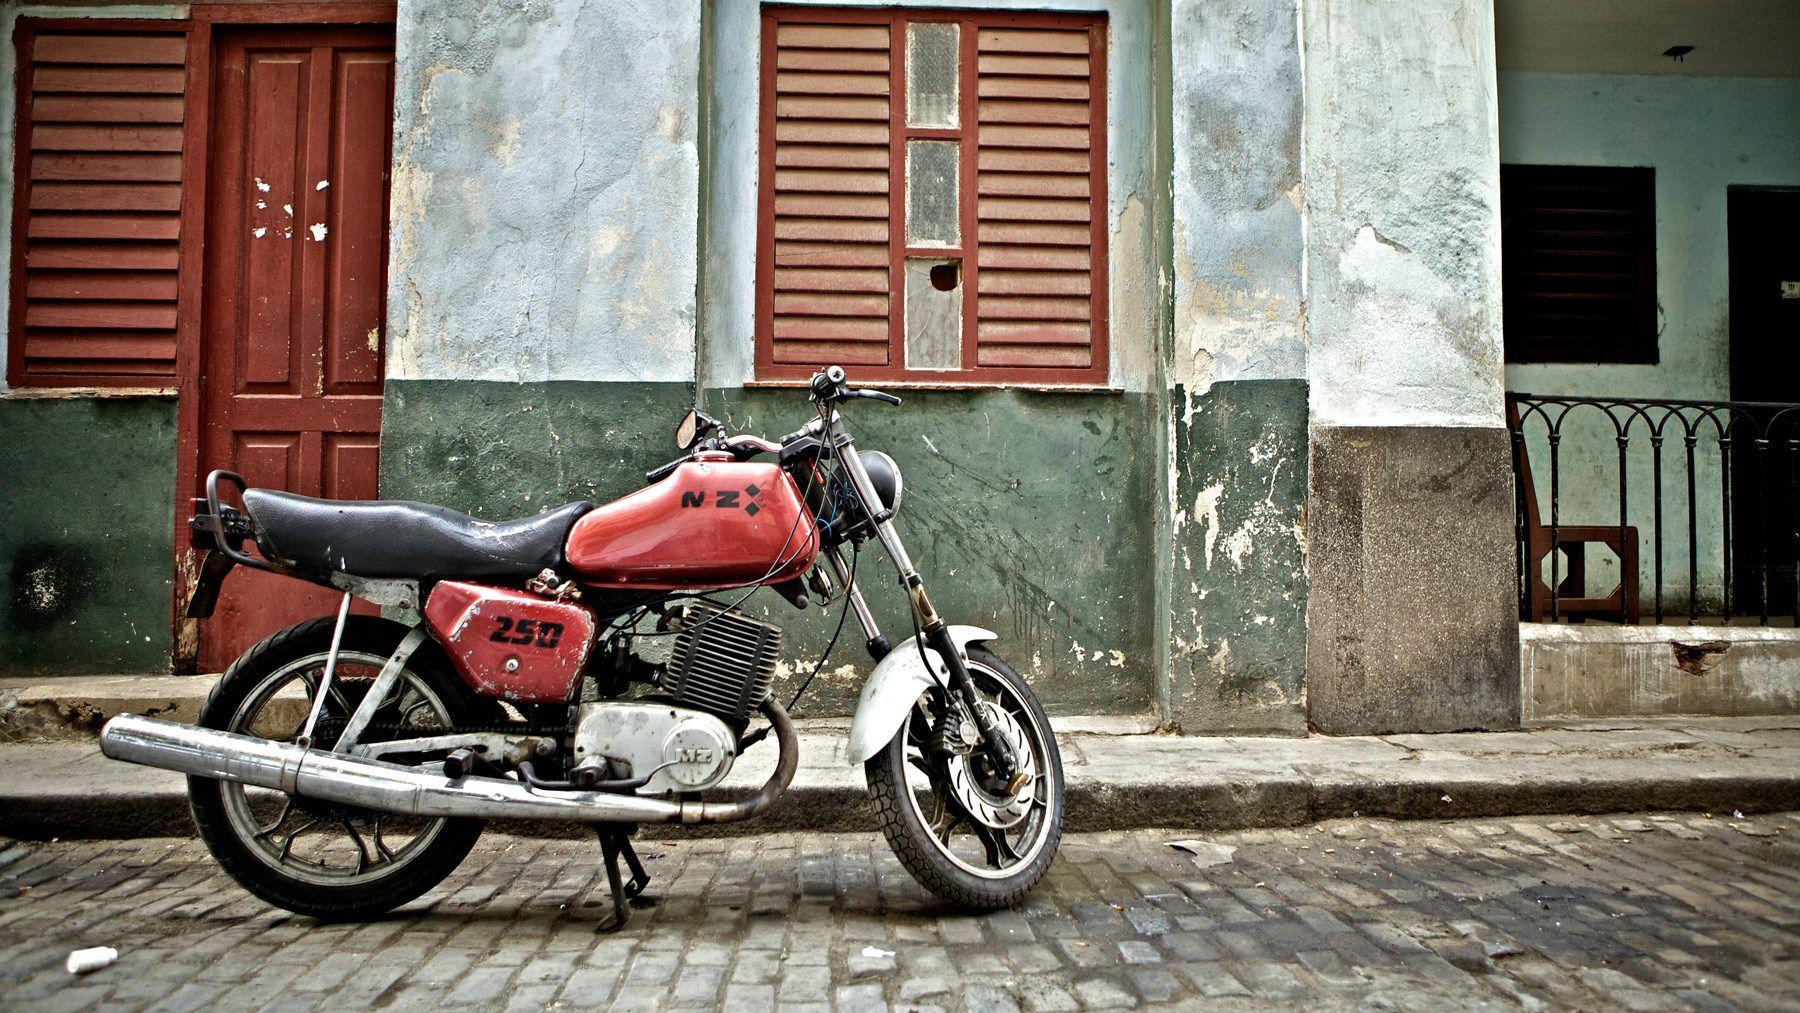 1motorcycle_la_habana_vieja_old_havana_cuba.jpg